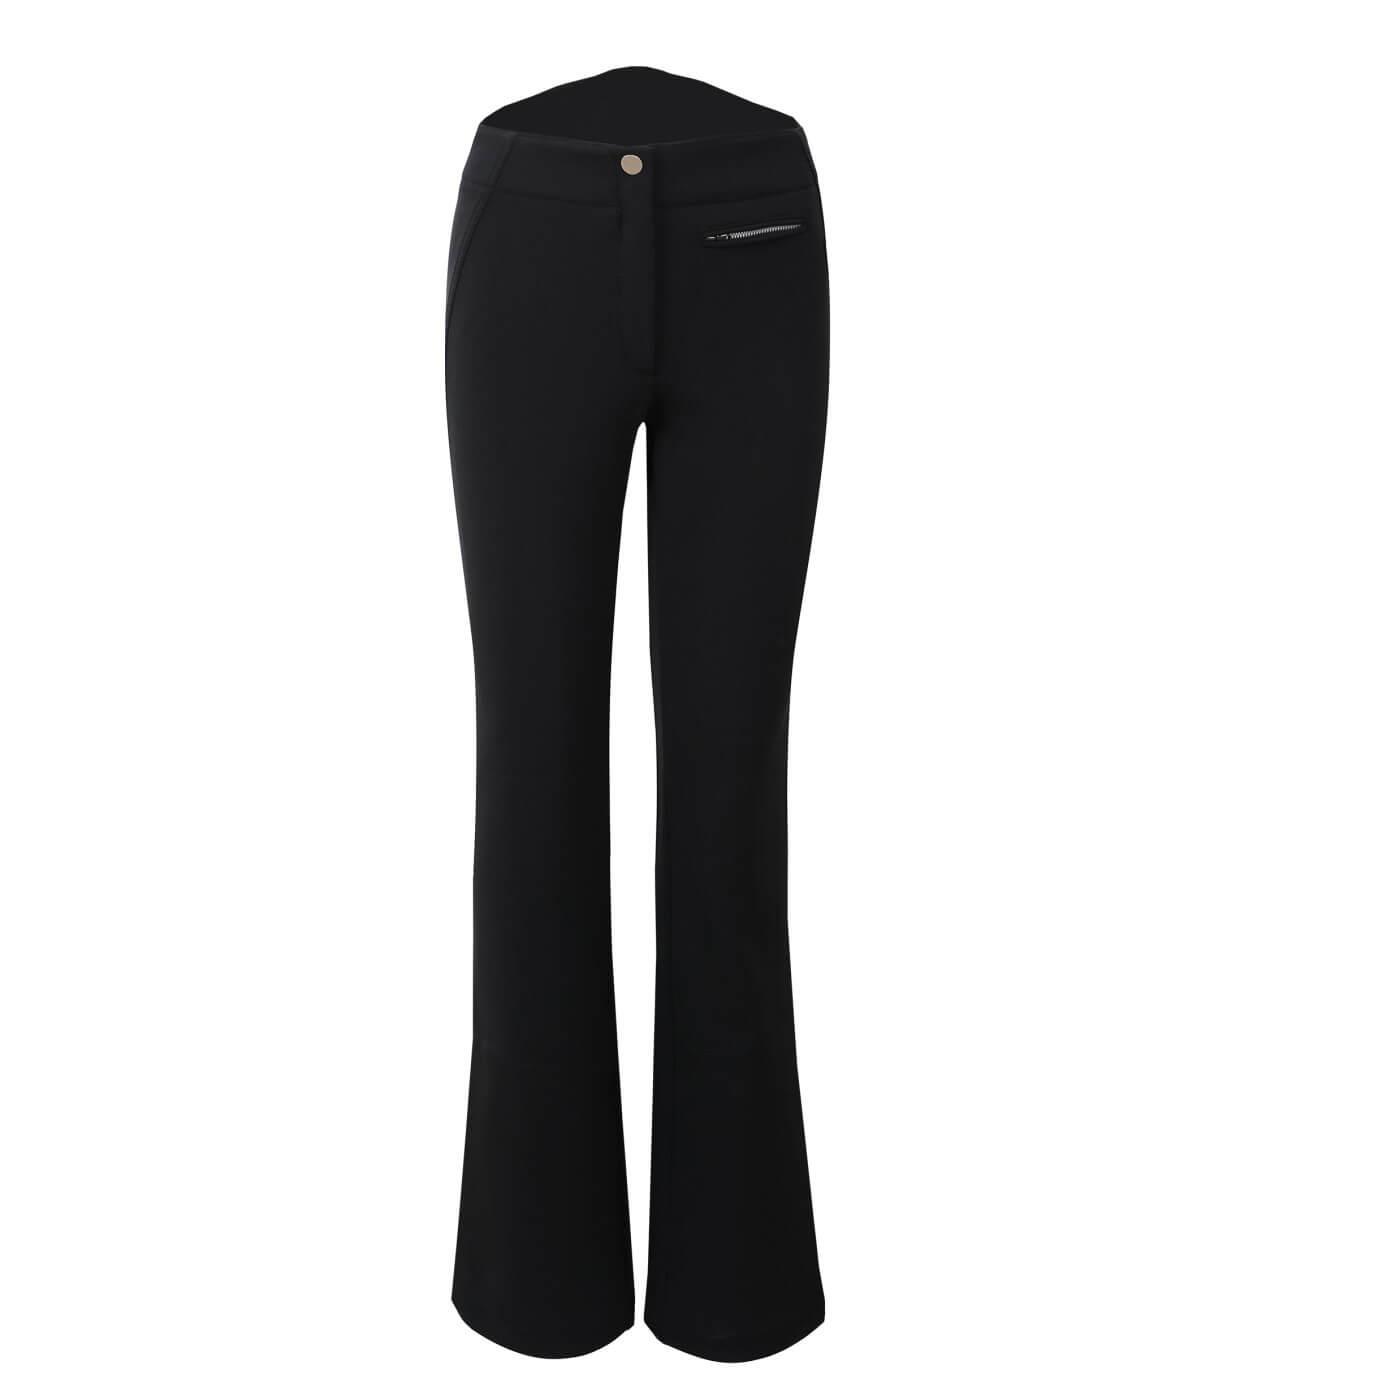 Kelly by Sissy black ski pants